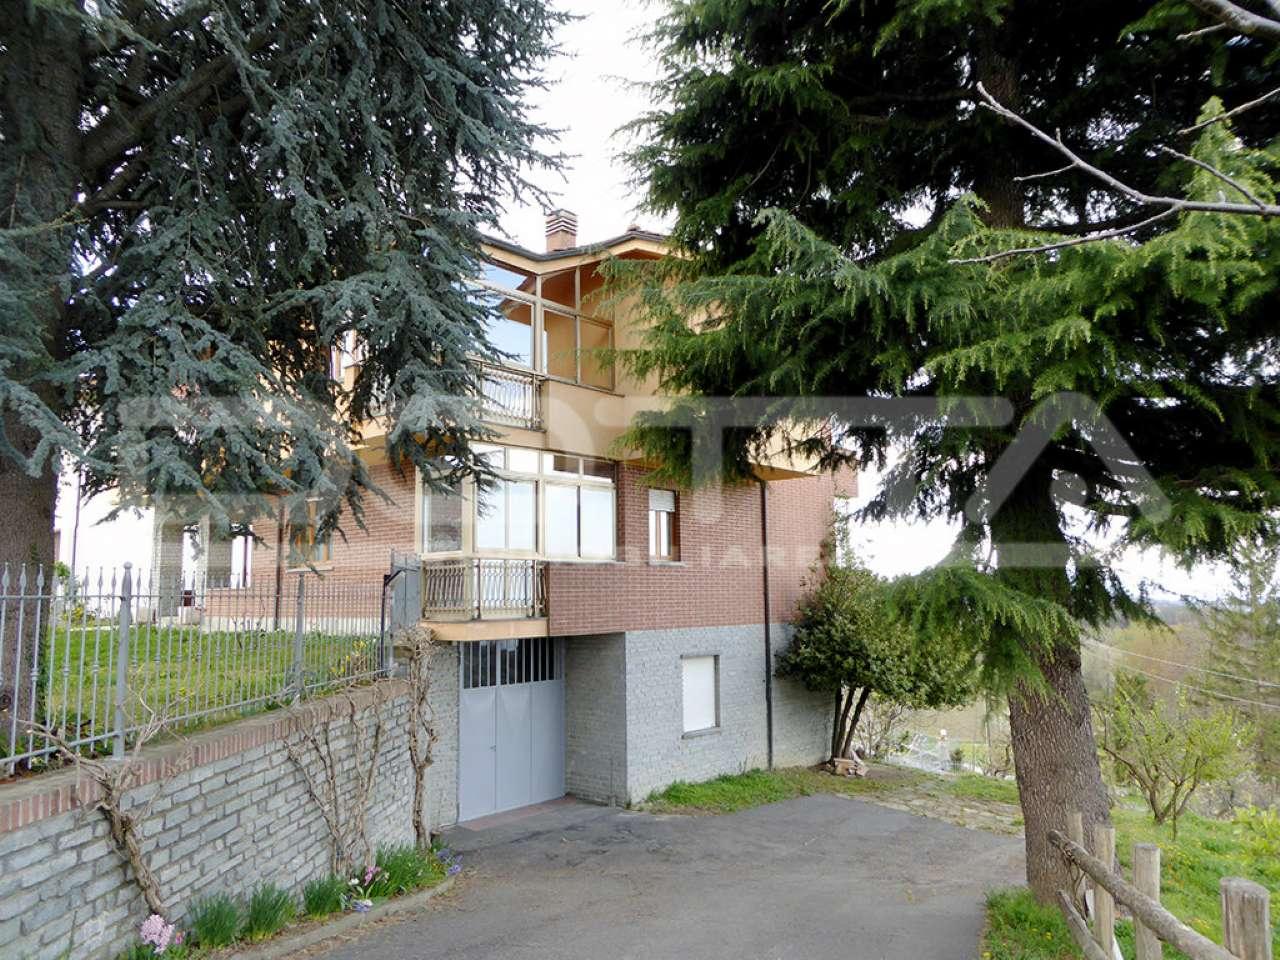 Soluzione Indipendente in vendita a Bossolasco, 15 locali, prezzo € 480.000 | PortaleAgenzieImmobiliari.it